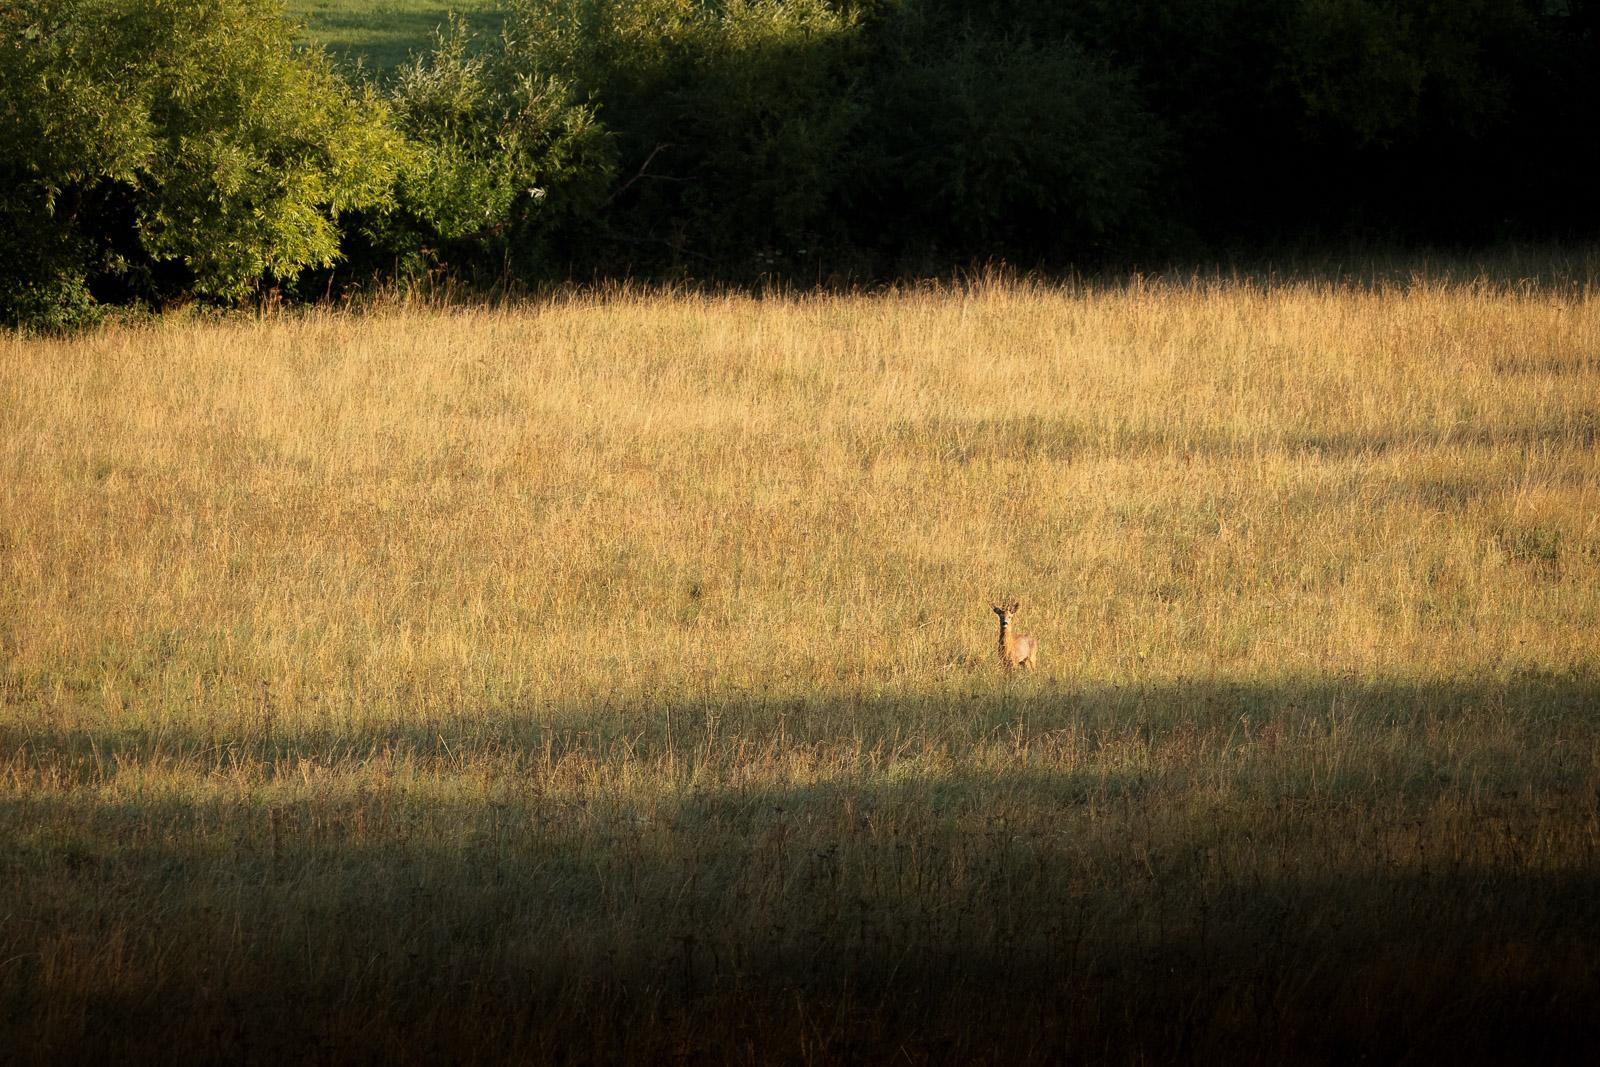 Roe Deer - Bagley, Nr Wedmore, Somerset, UK. ID BR52736